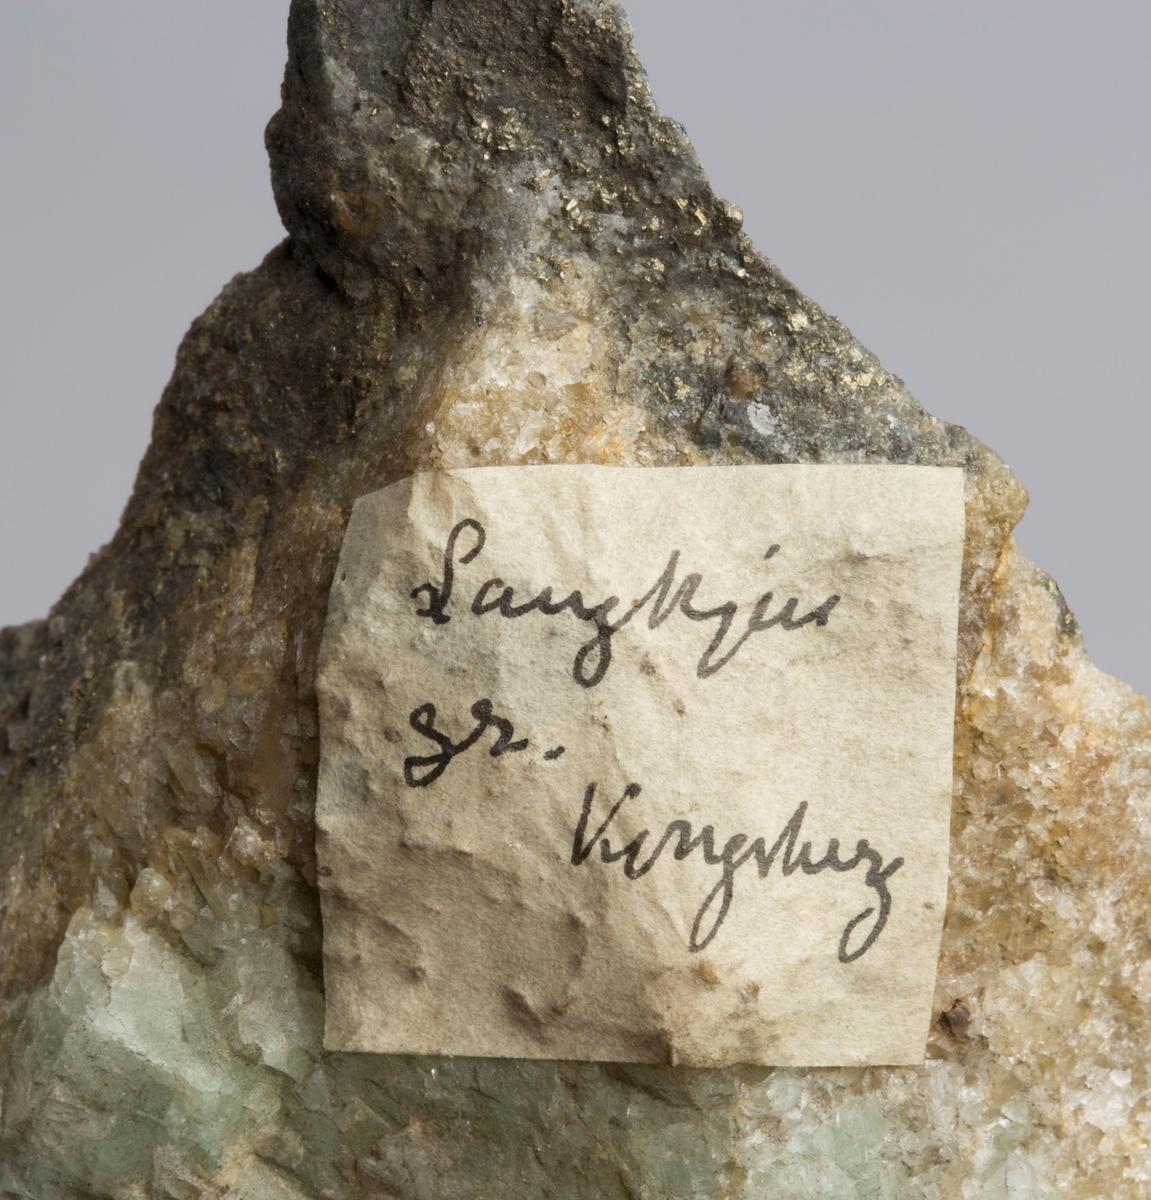 Etikett på prøve: Langkjern gr. Kongsberg